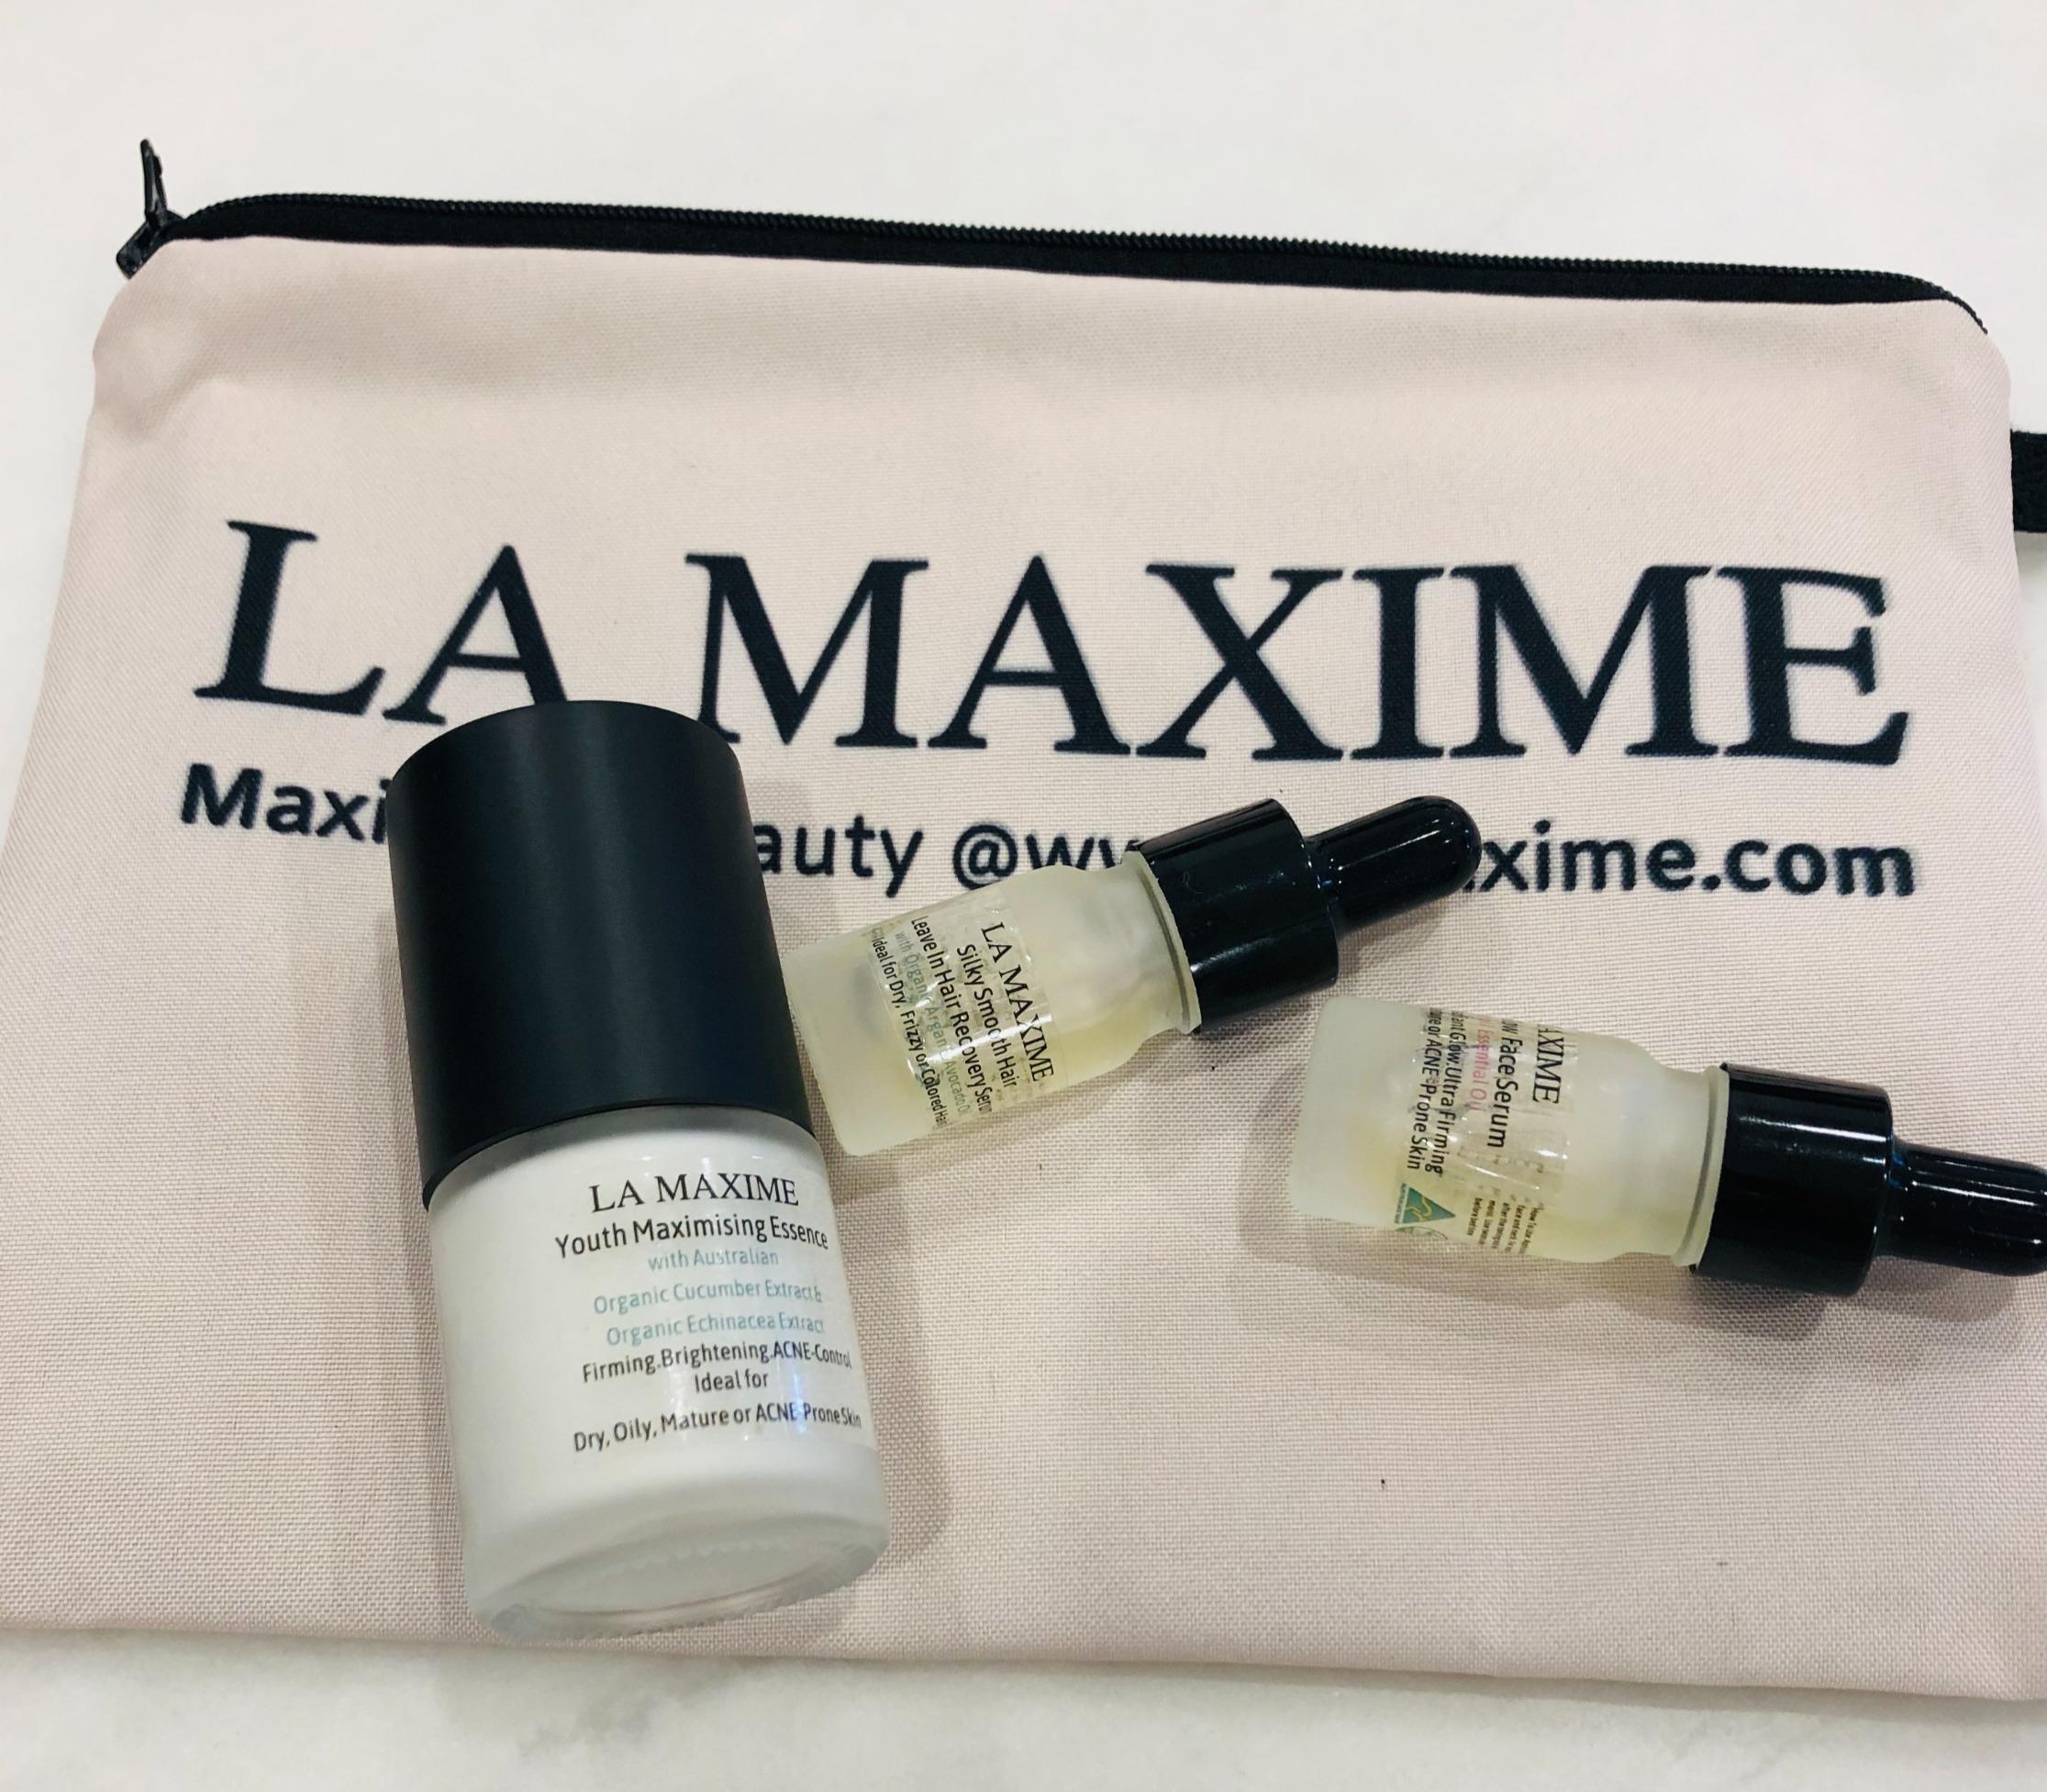 La Maxime (v)